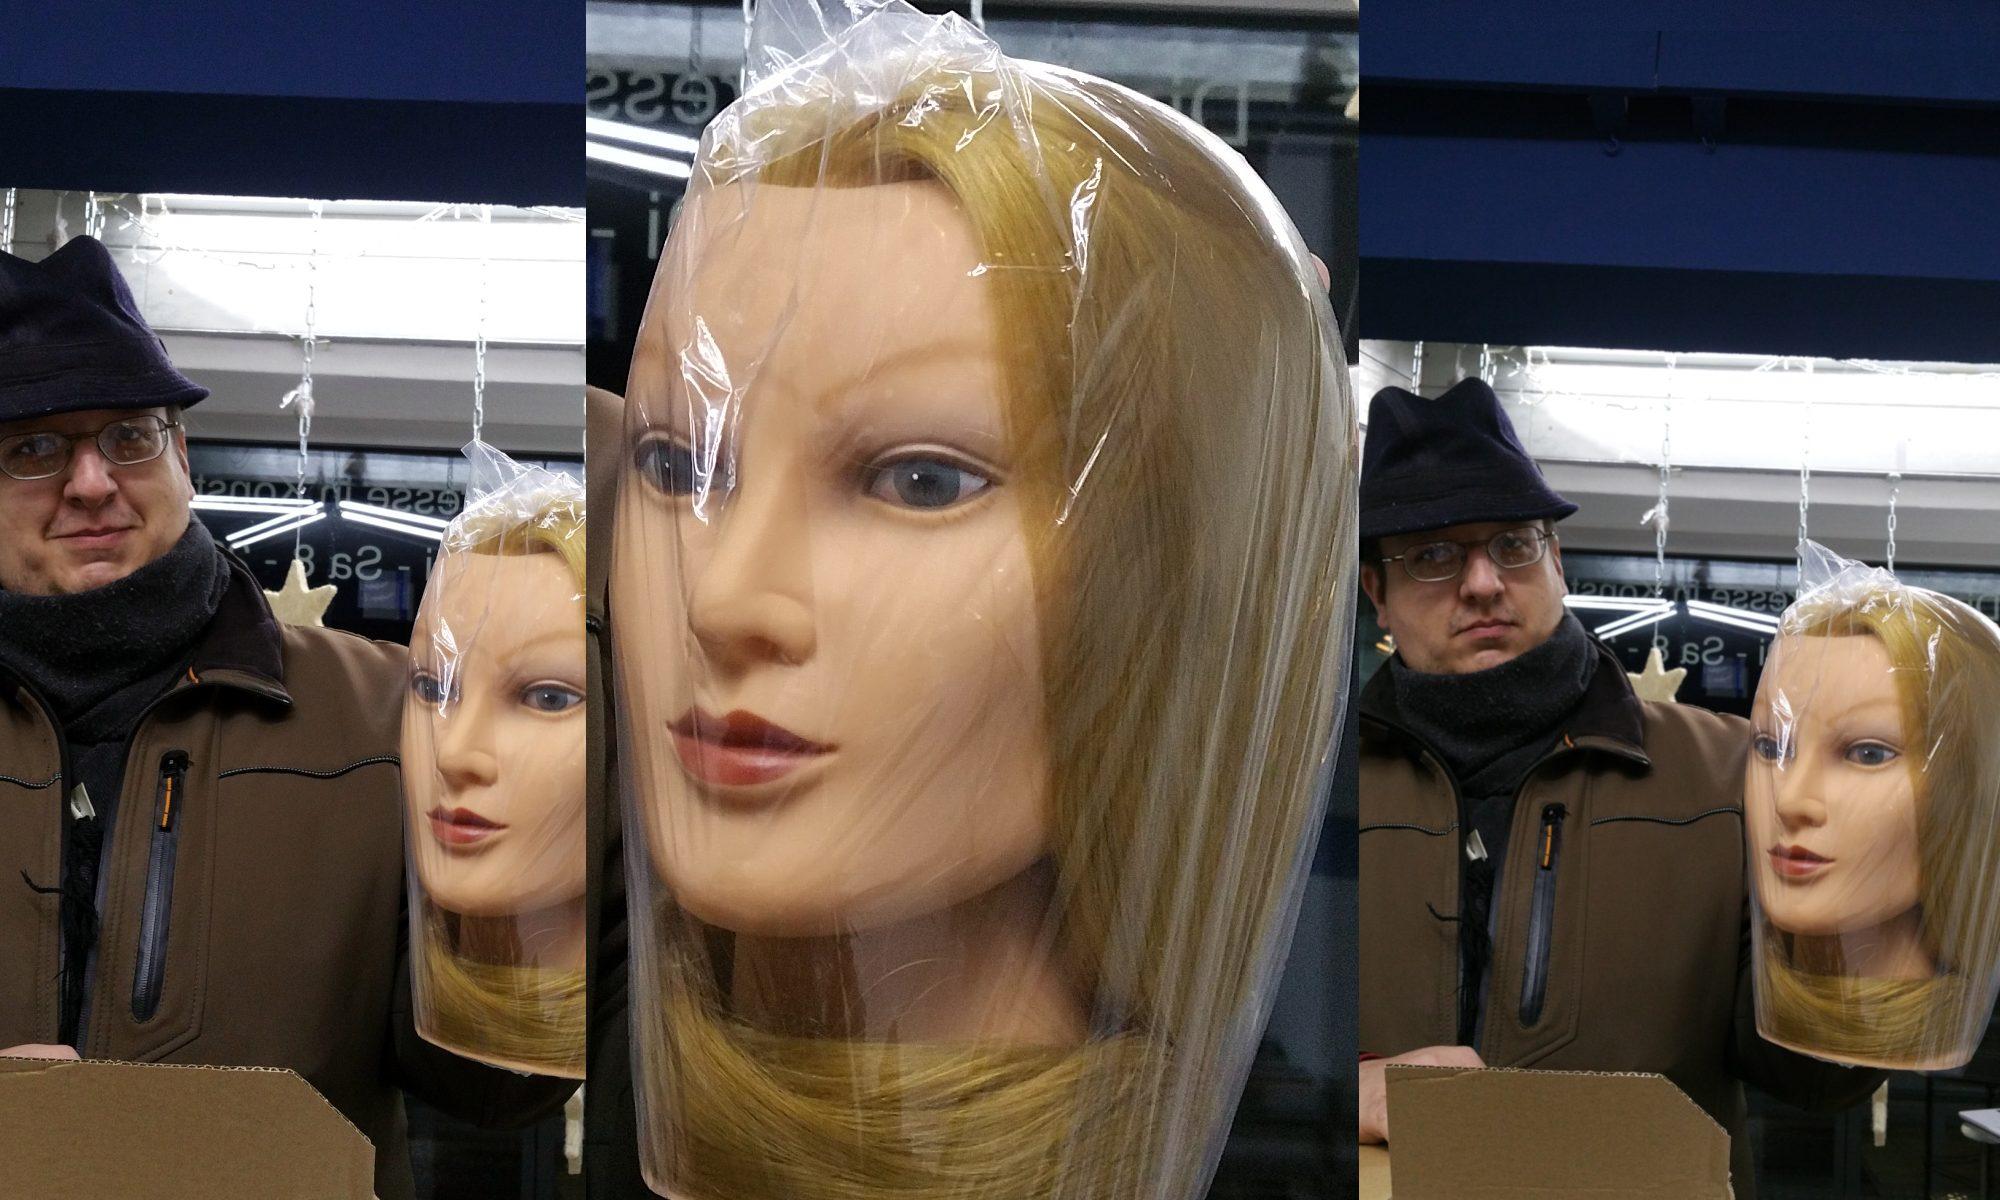 ...nur ein Kopf... Kopflos? Körperlos? Kunden und ihre Päckli - miradlo Versanddepot